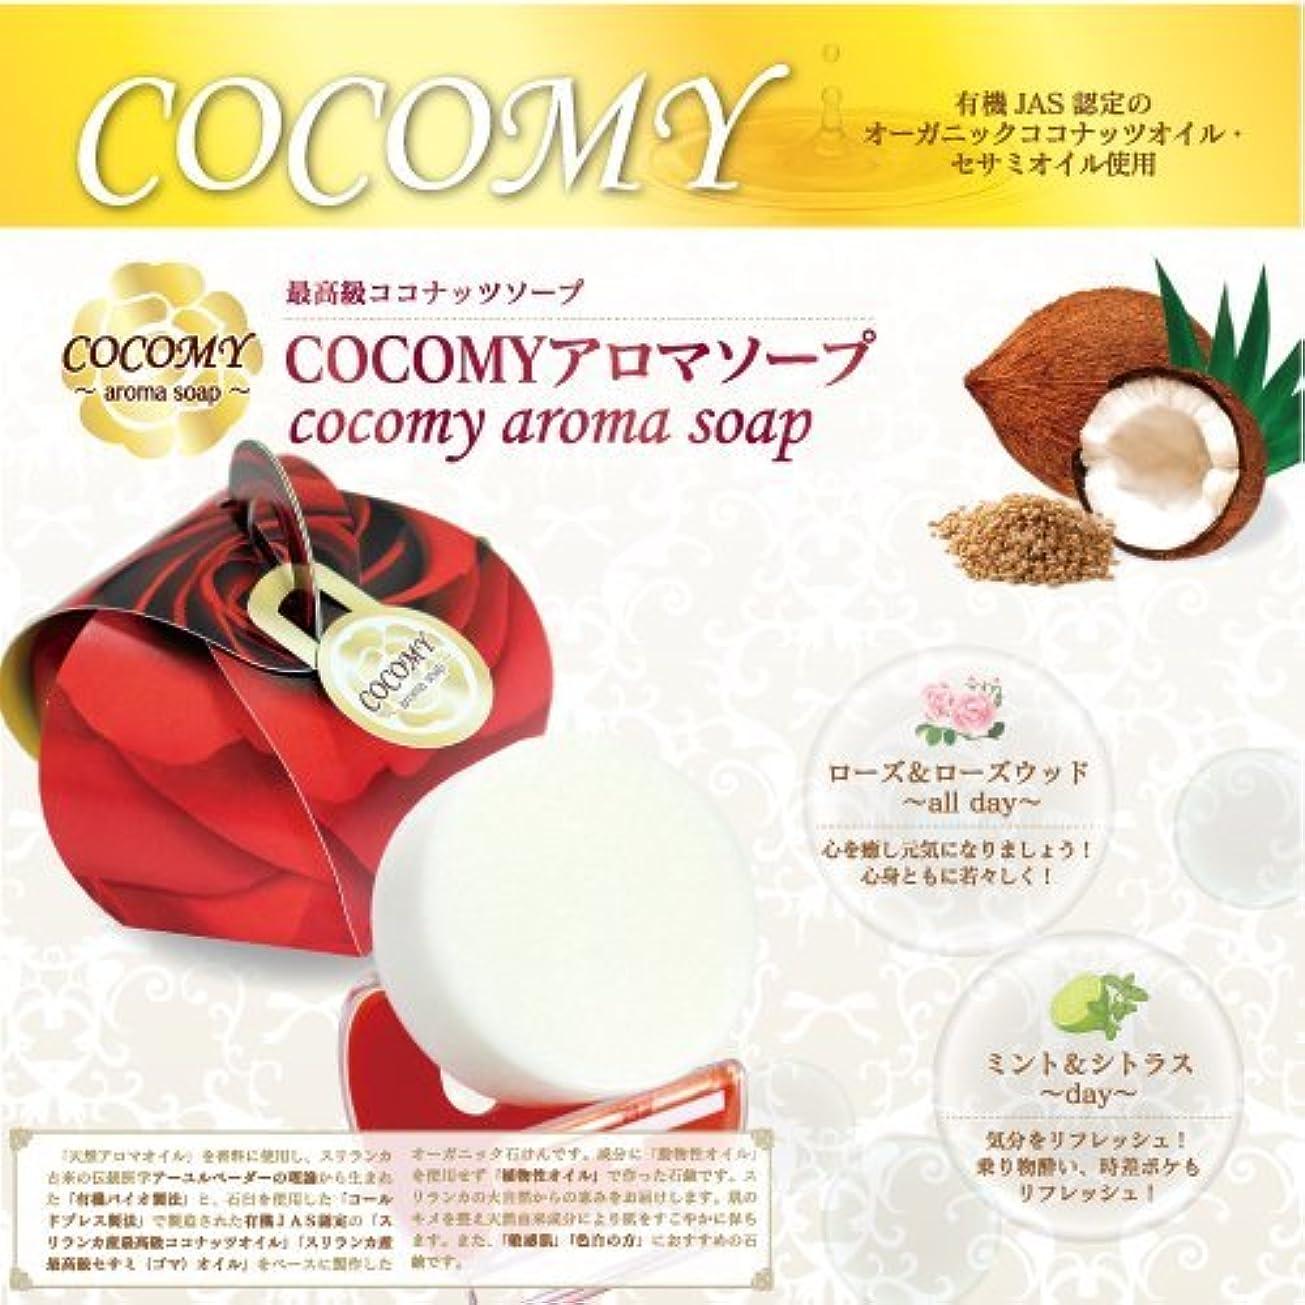 統合する白鳥洋服COCOMY aromaソープ 4個セット (ミント&シトラス)(ローズ&ローズウッド) 40g×各2